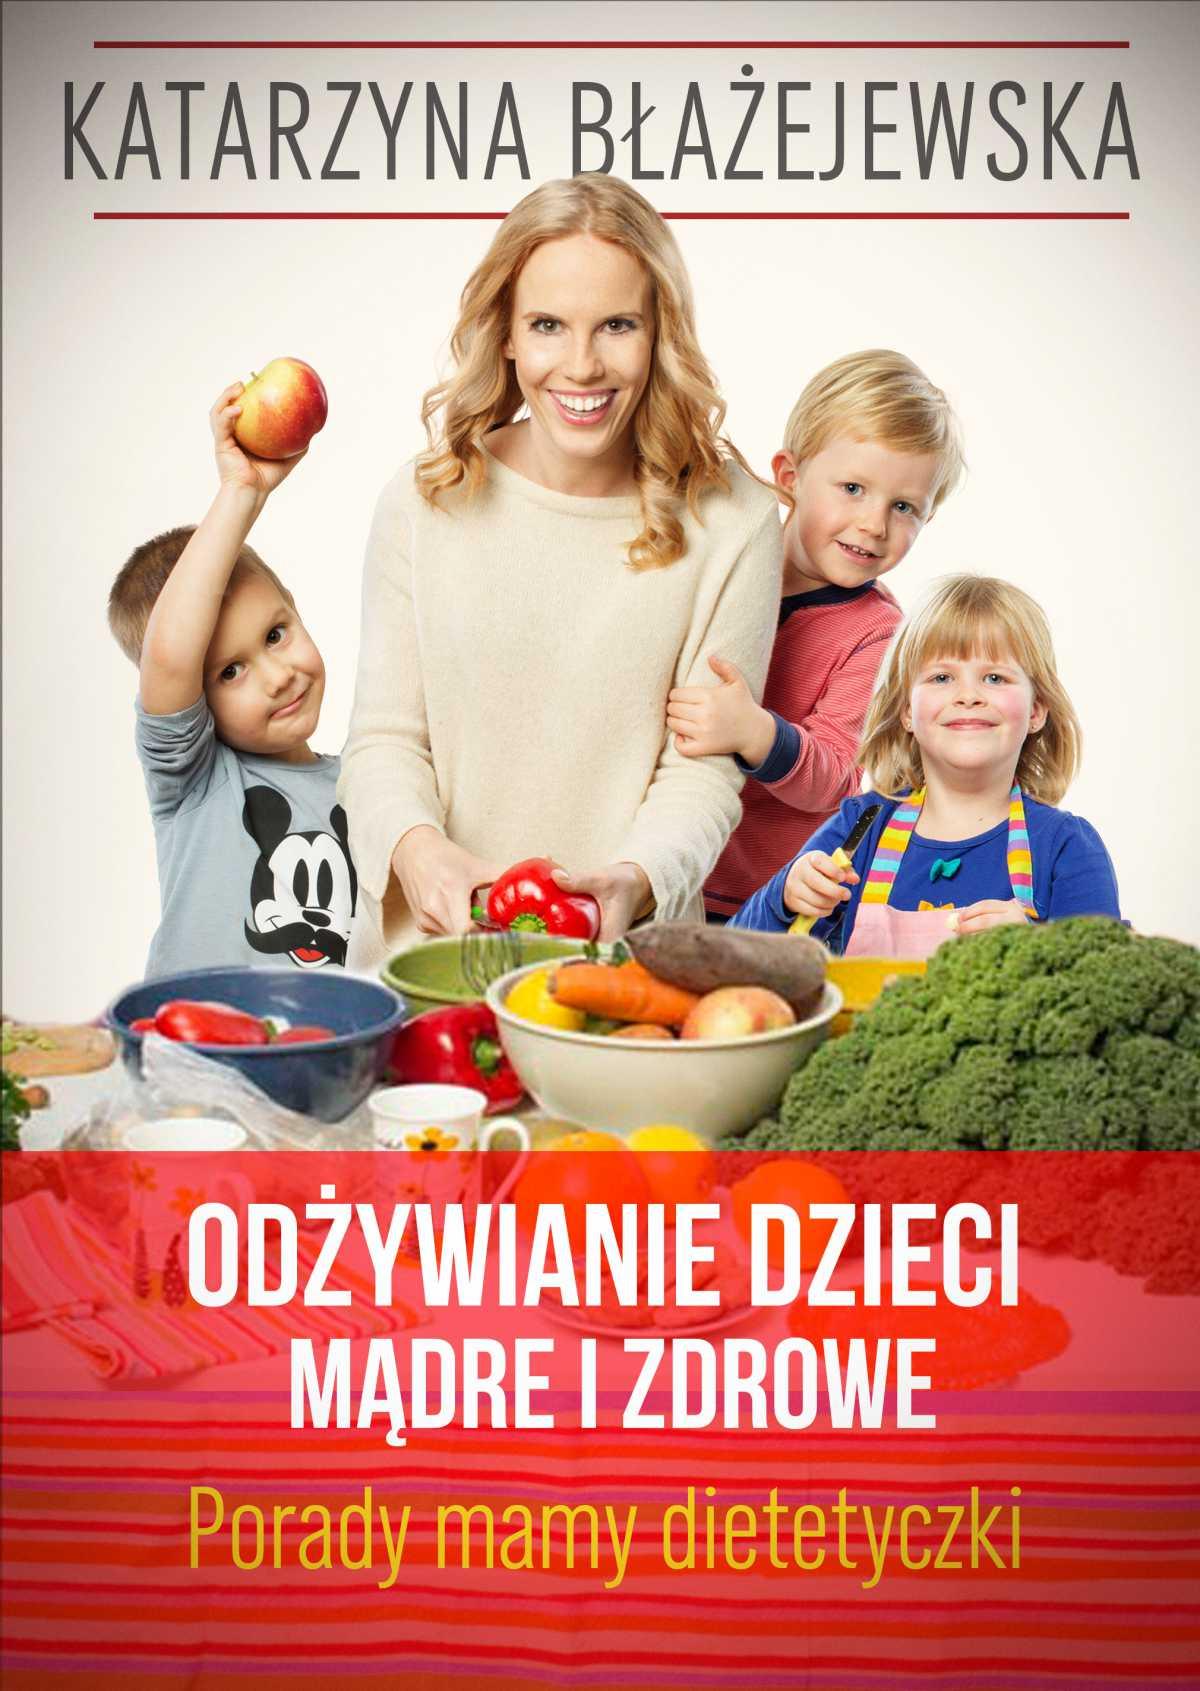 Odżywianie dzieci mądre i zdrowe. Porady mamy dietetyczki - Ebook (Książka EPUB) do pobrania w formacie EPUB